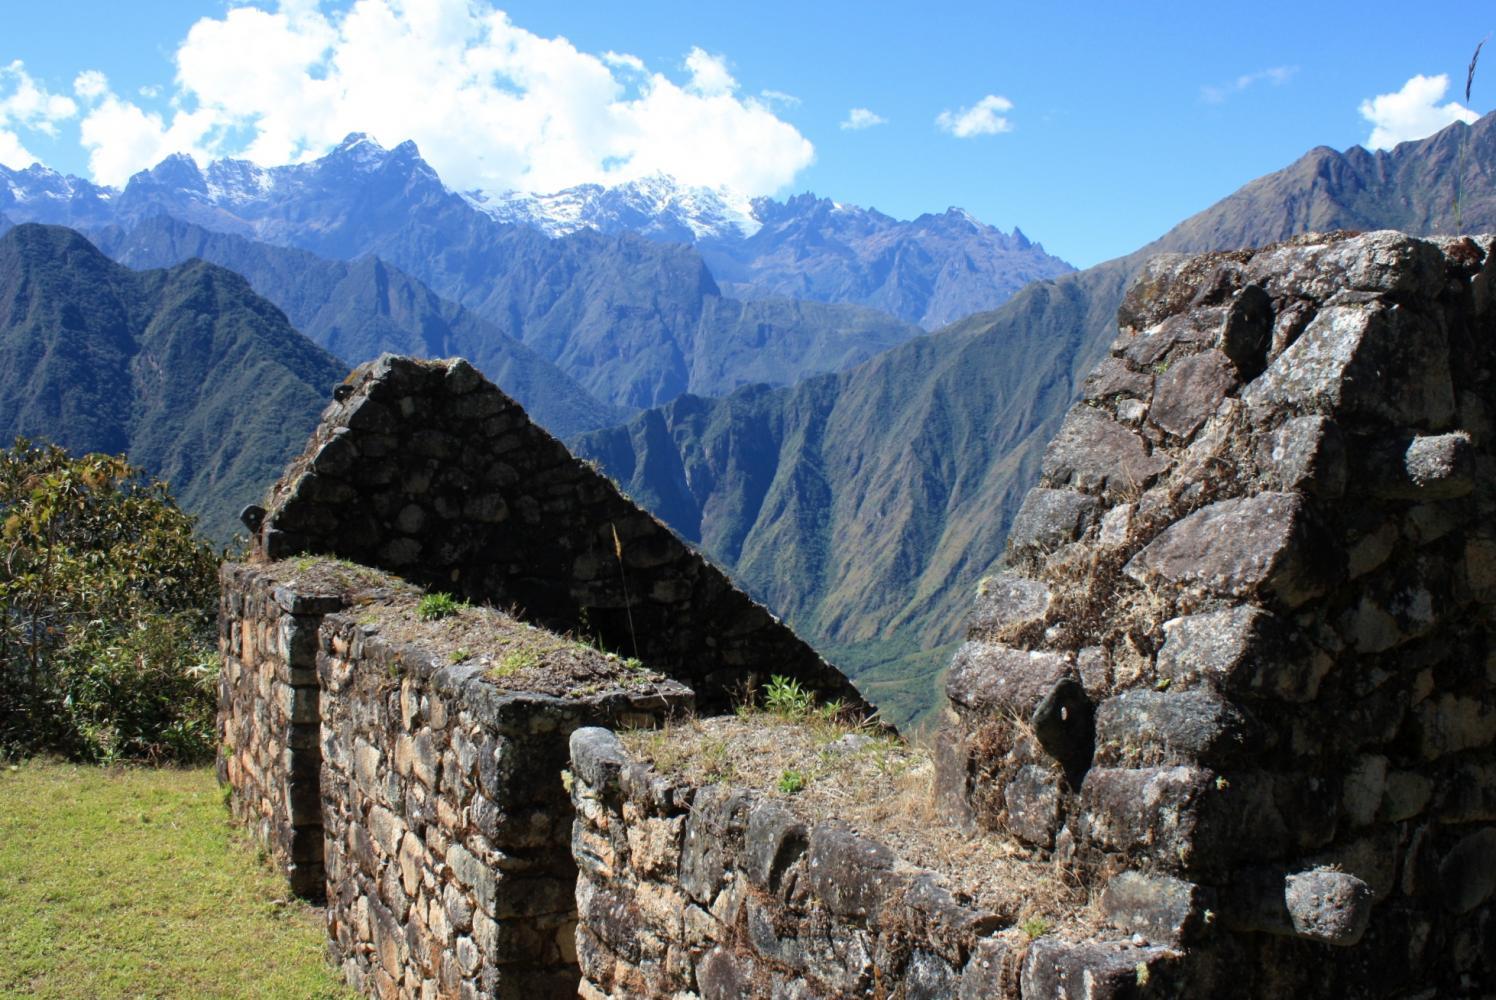 camino inca trail salkantay